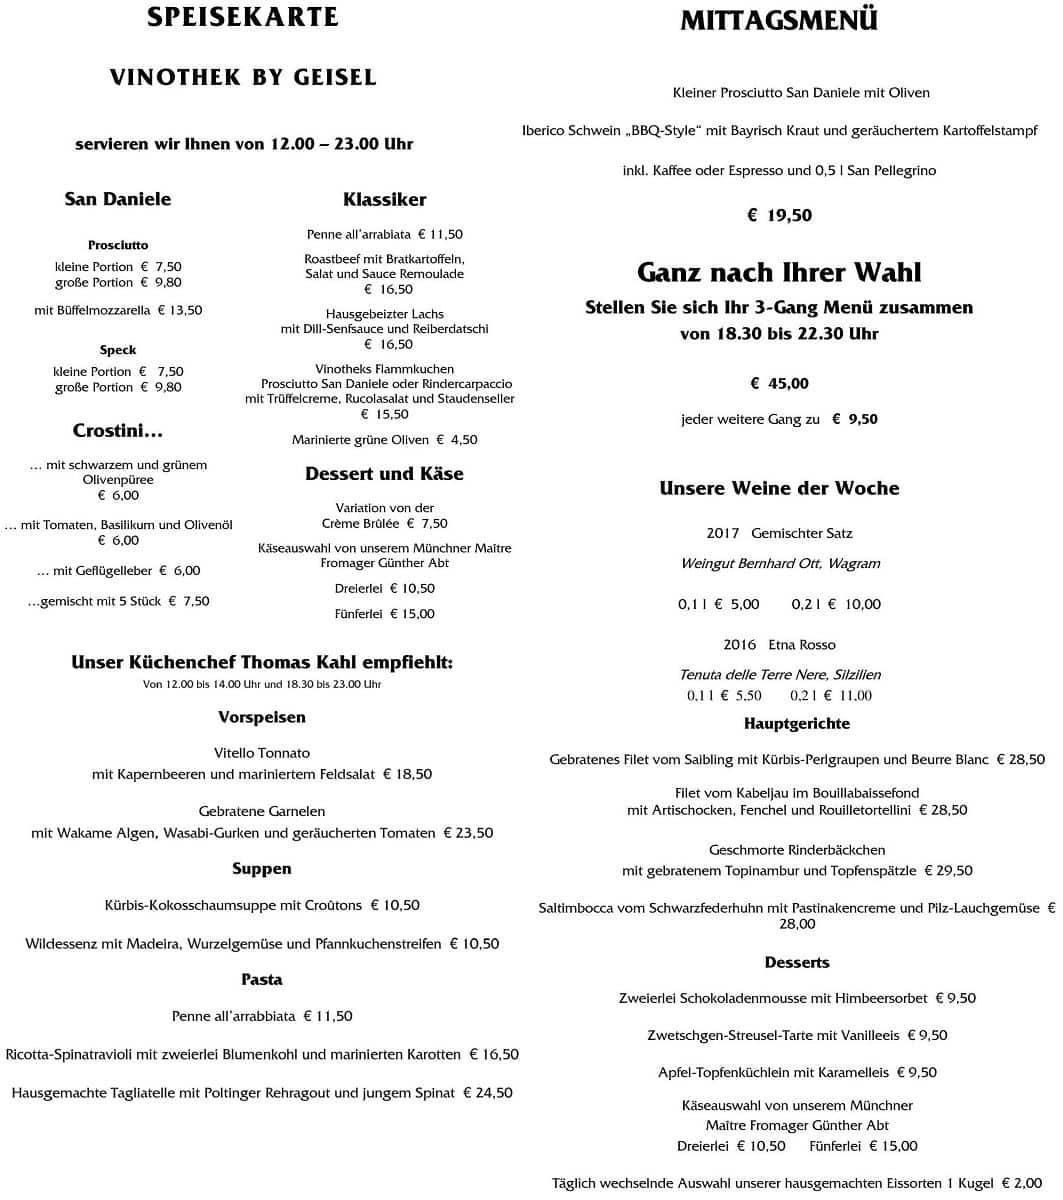 Меню ресторана Vinothek by Geisel